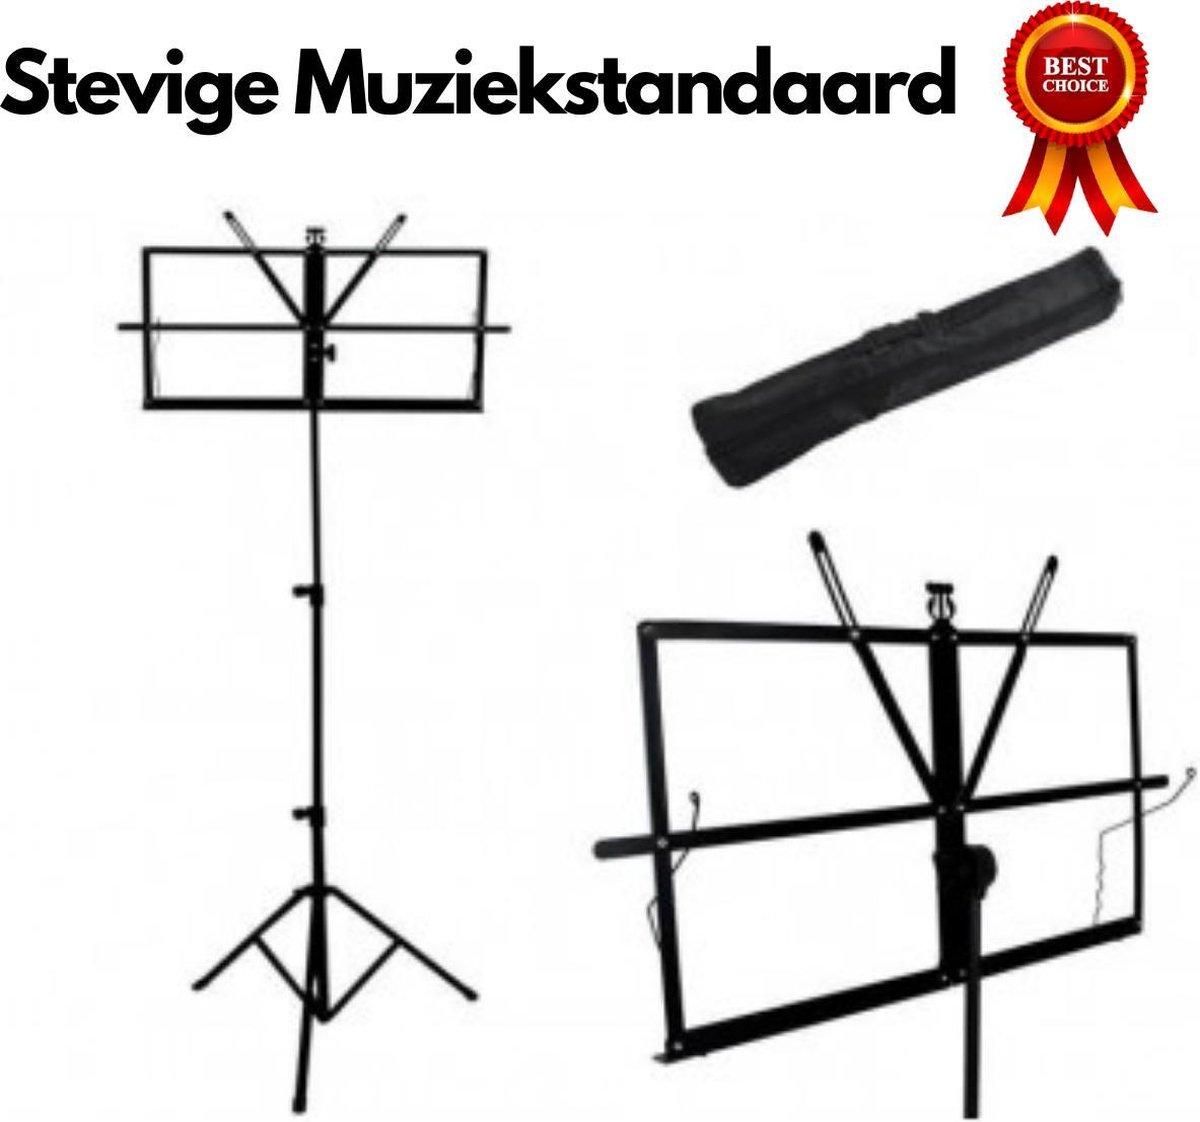 Muziekstandaard Opklapbaar met Tas voor Bladmuziek - Lessenaar - Bladmuziek Standaard - Opvouwbaar